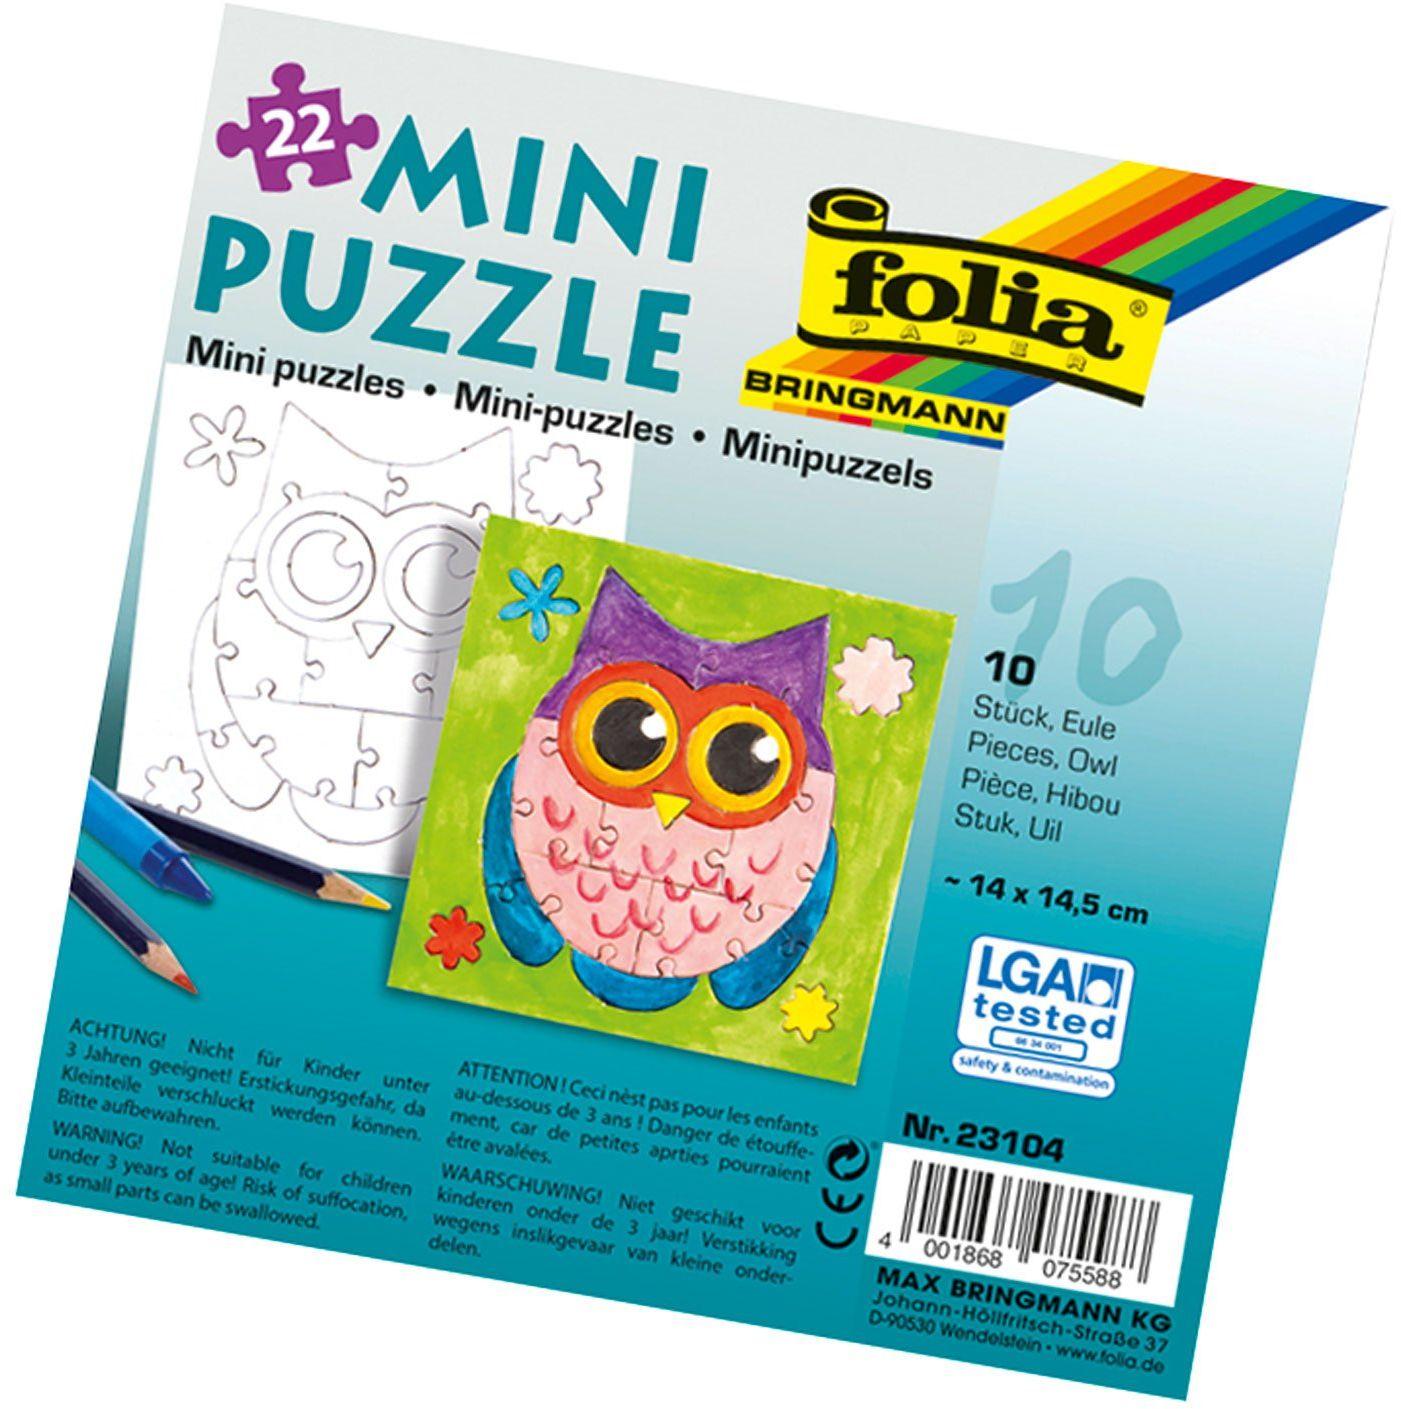 folia 23104 - Mini Puzzle sowa, ok. 14 x 14,5 cm, 22 części, 10 sztuk, białe - dopiero potem malowanie, dla dzieci, chłopców i dziewczynek